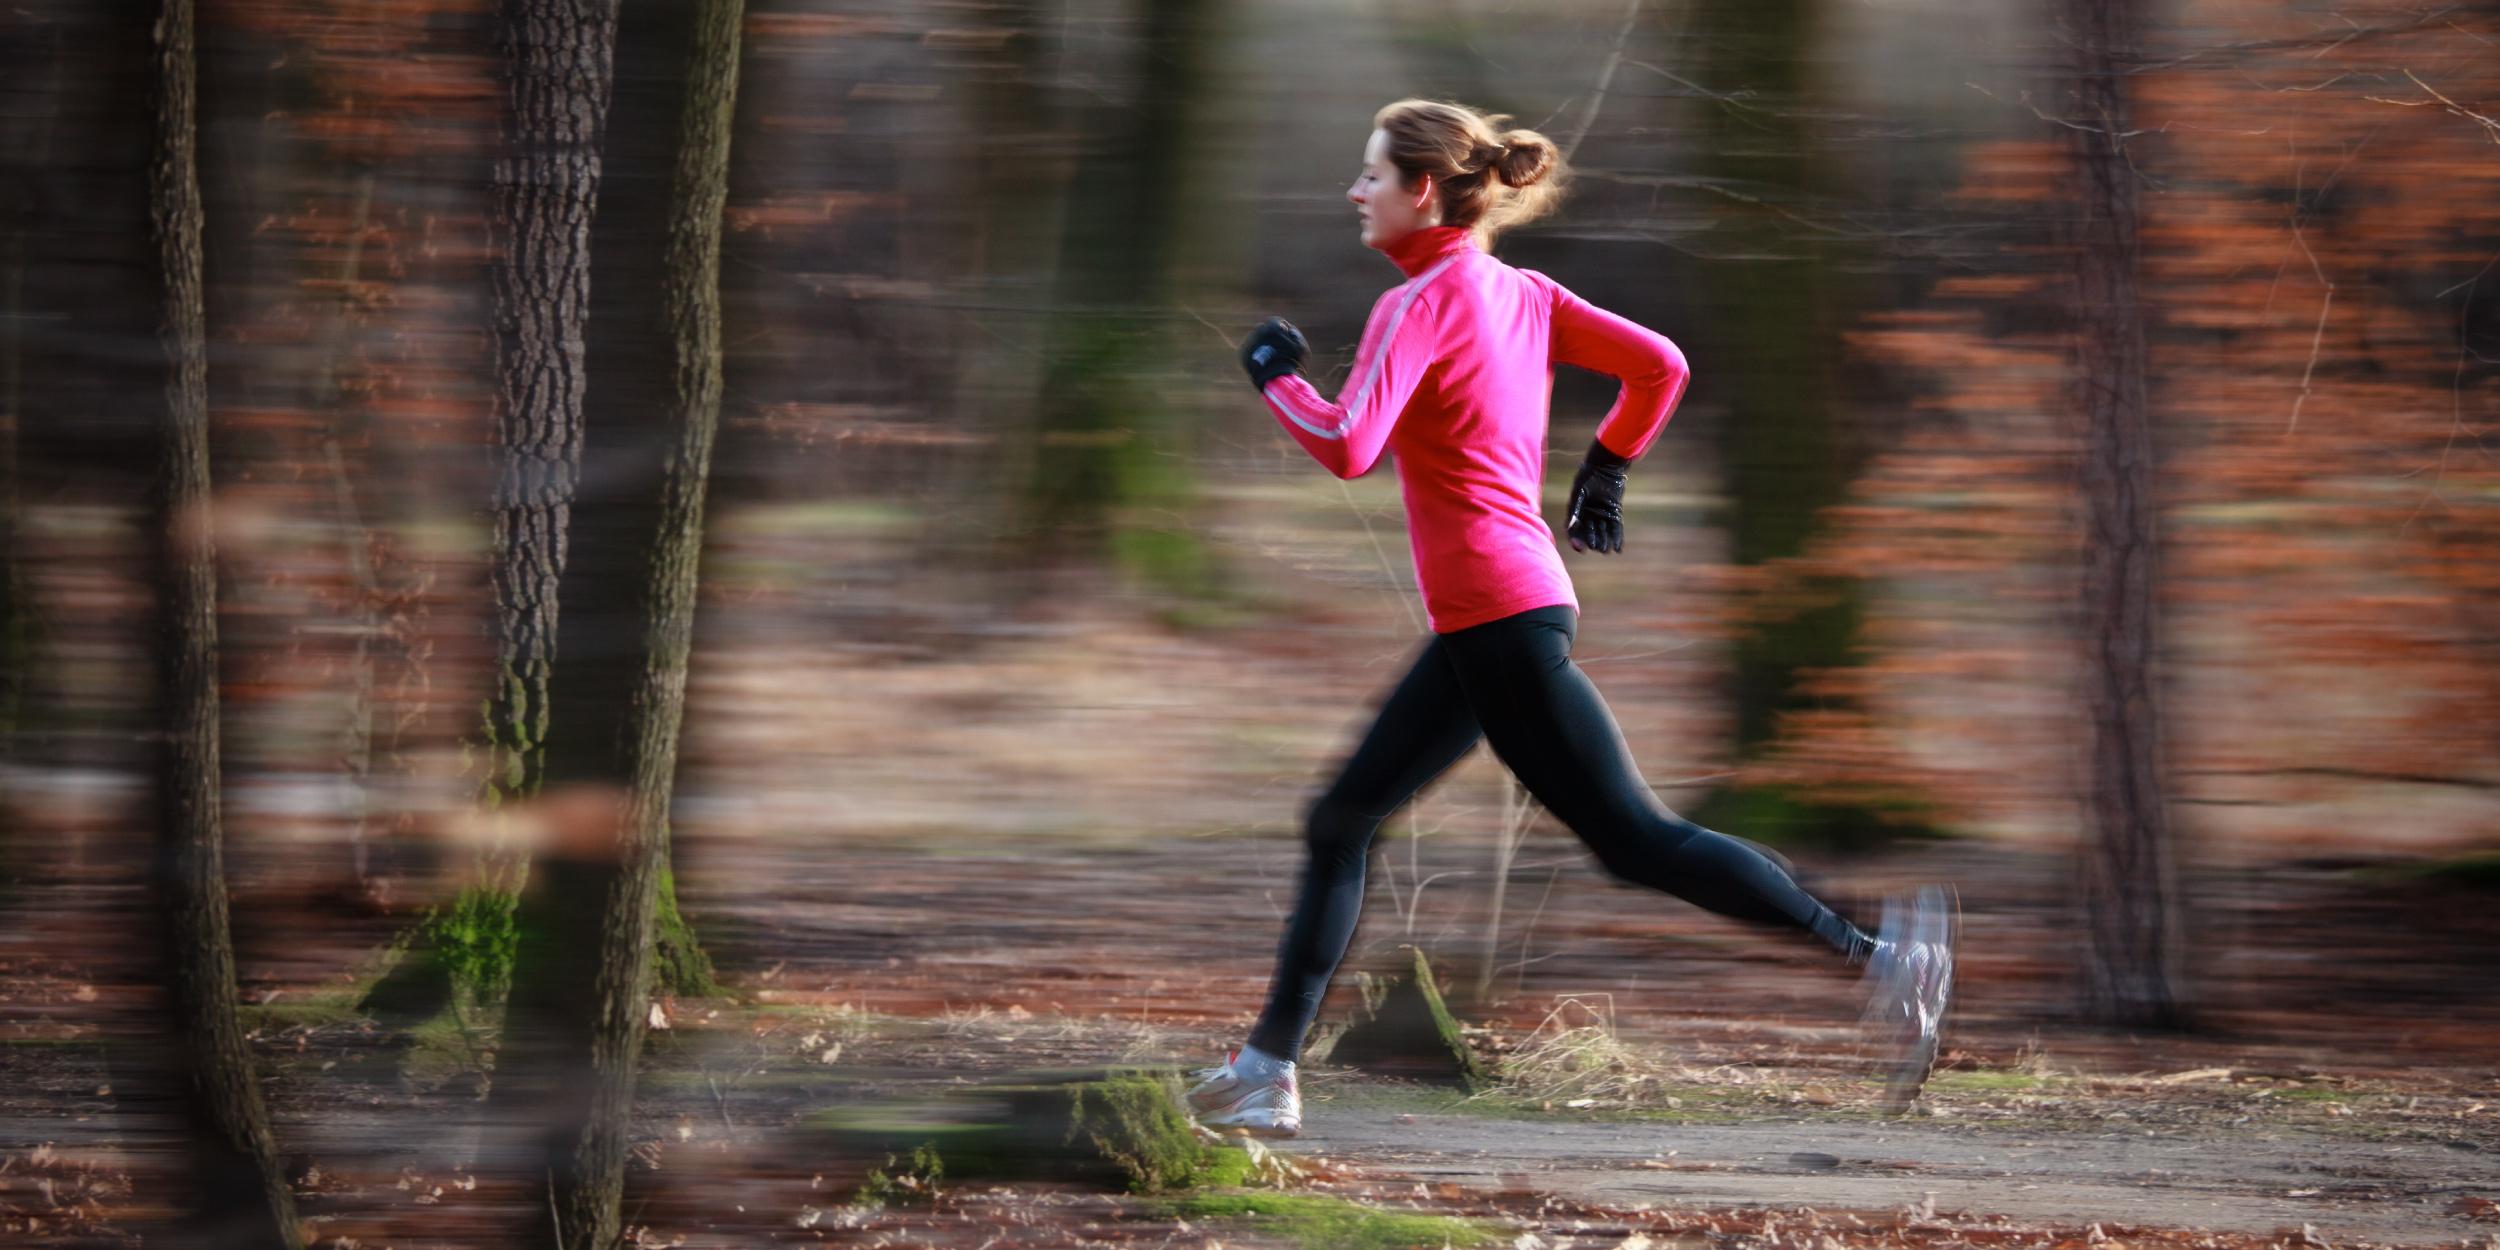 Любительский бег не вредит вашим коленям